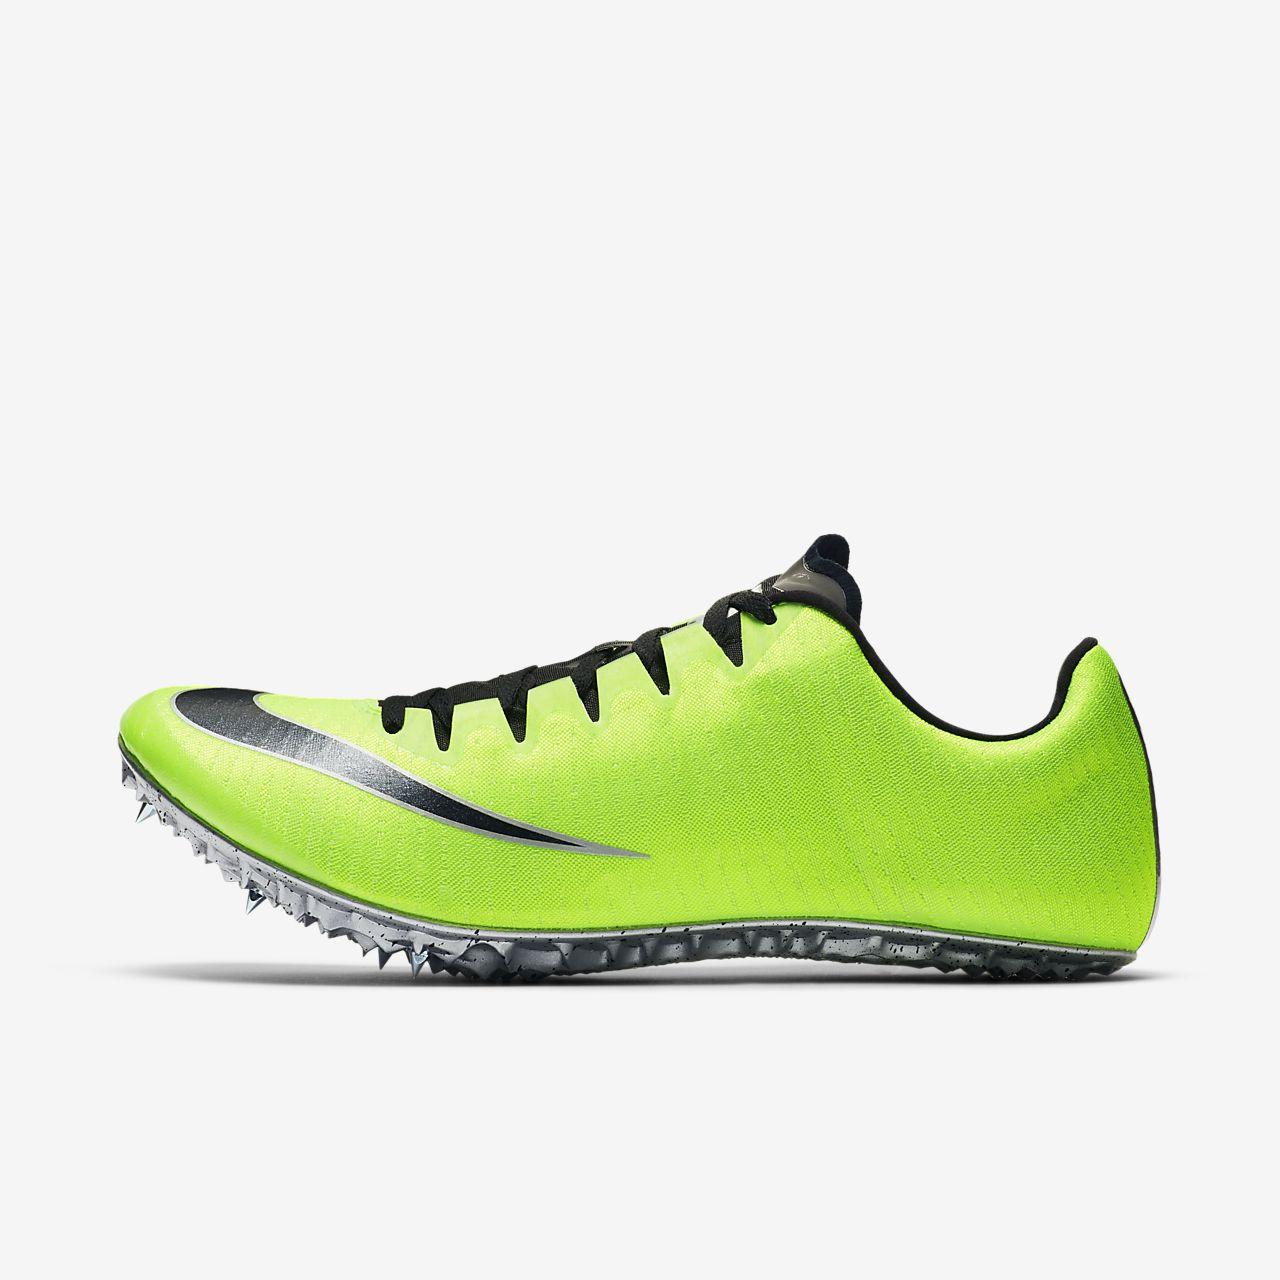 Nike Superfly Elite Racing Spike